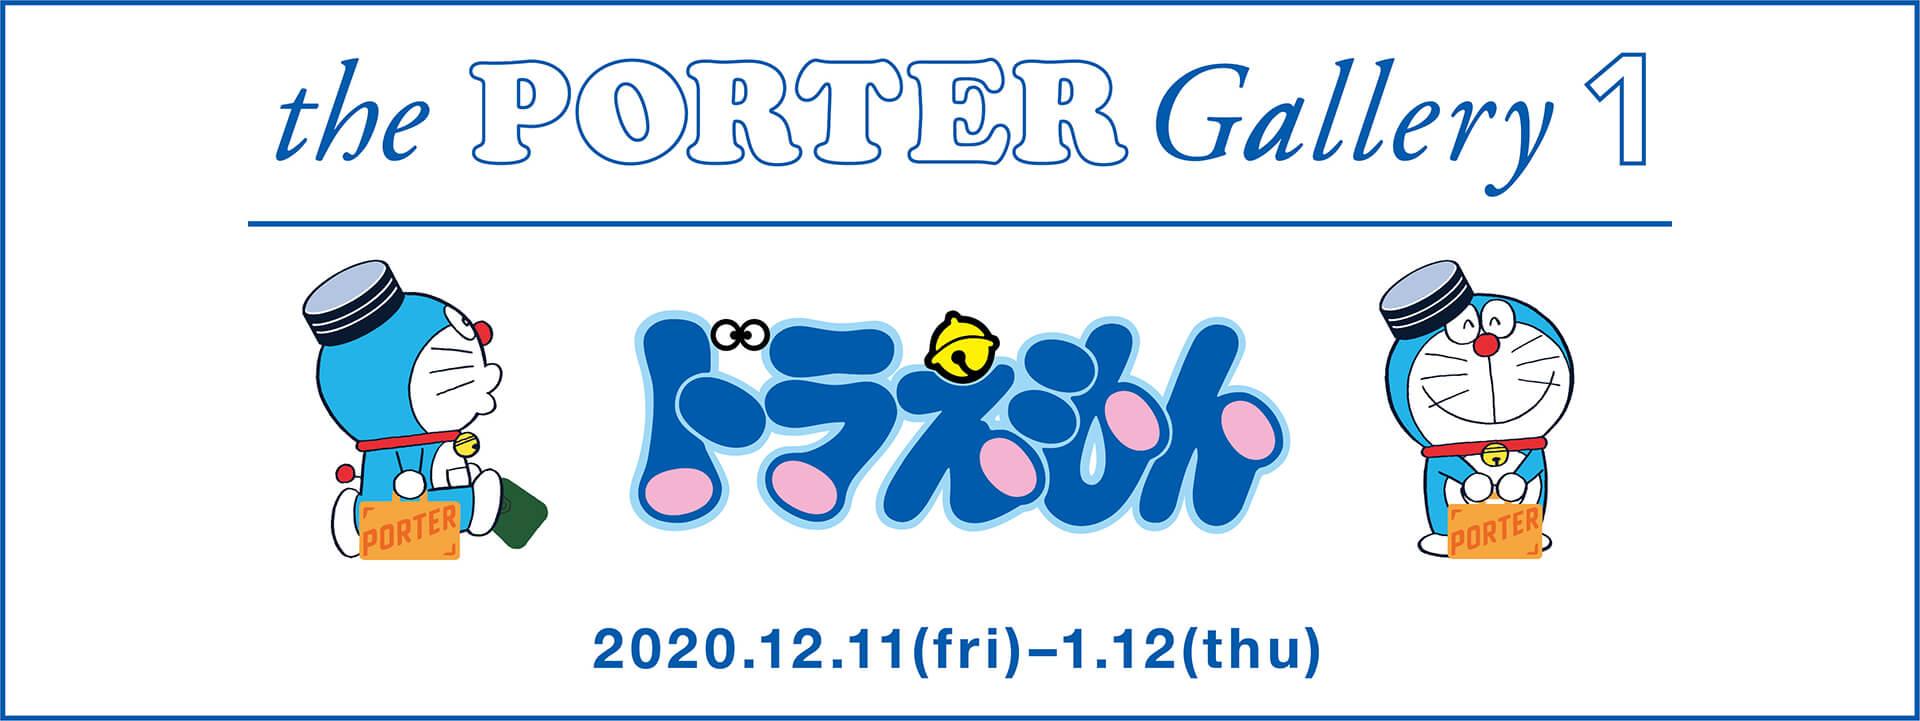 ドラえもん × PORTER